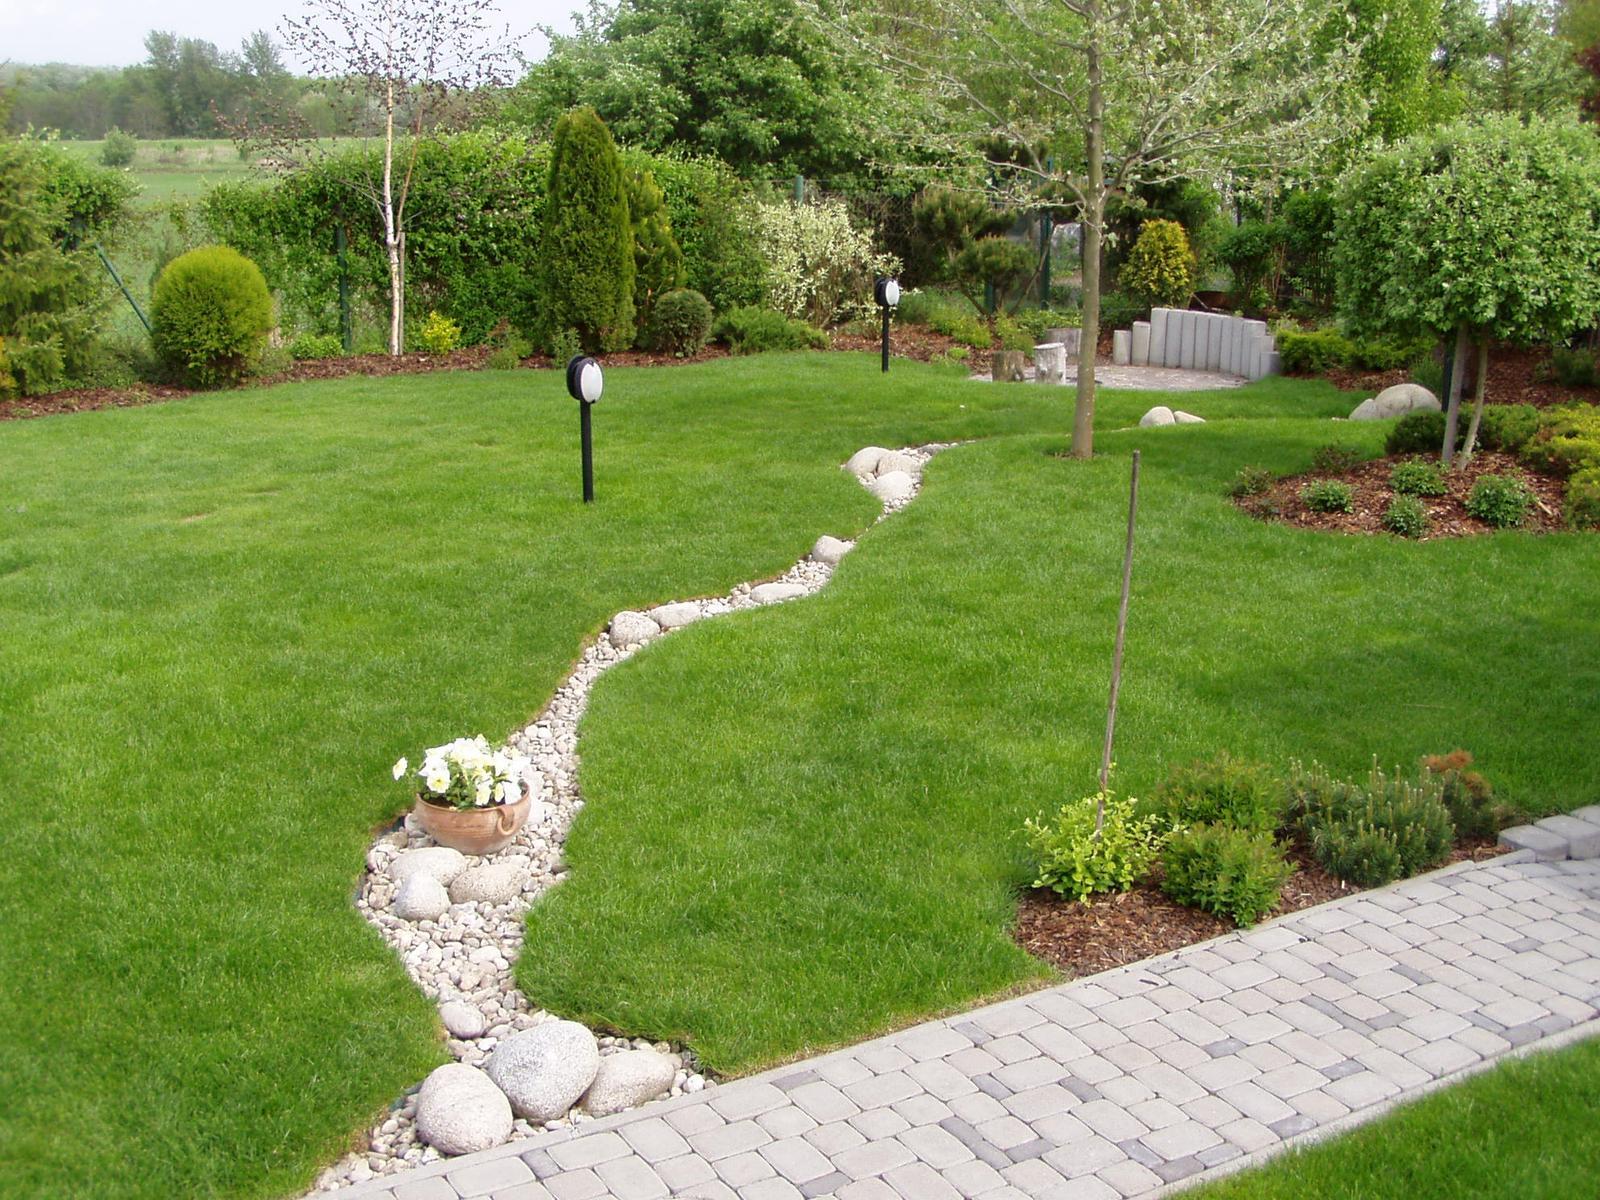 Nápady na zahradu - suchý potok